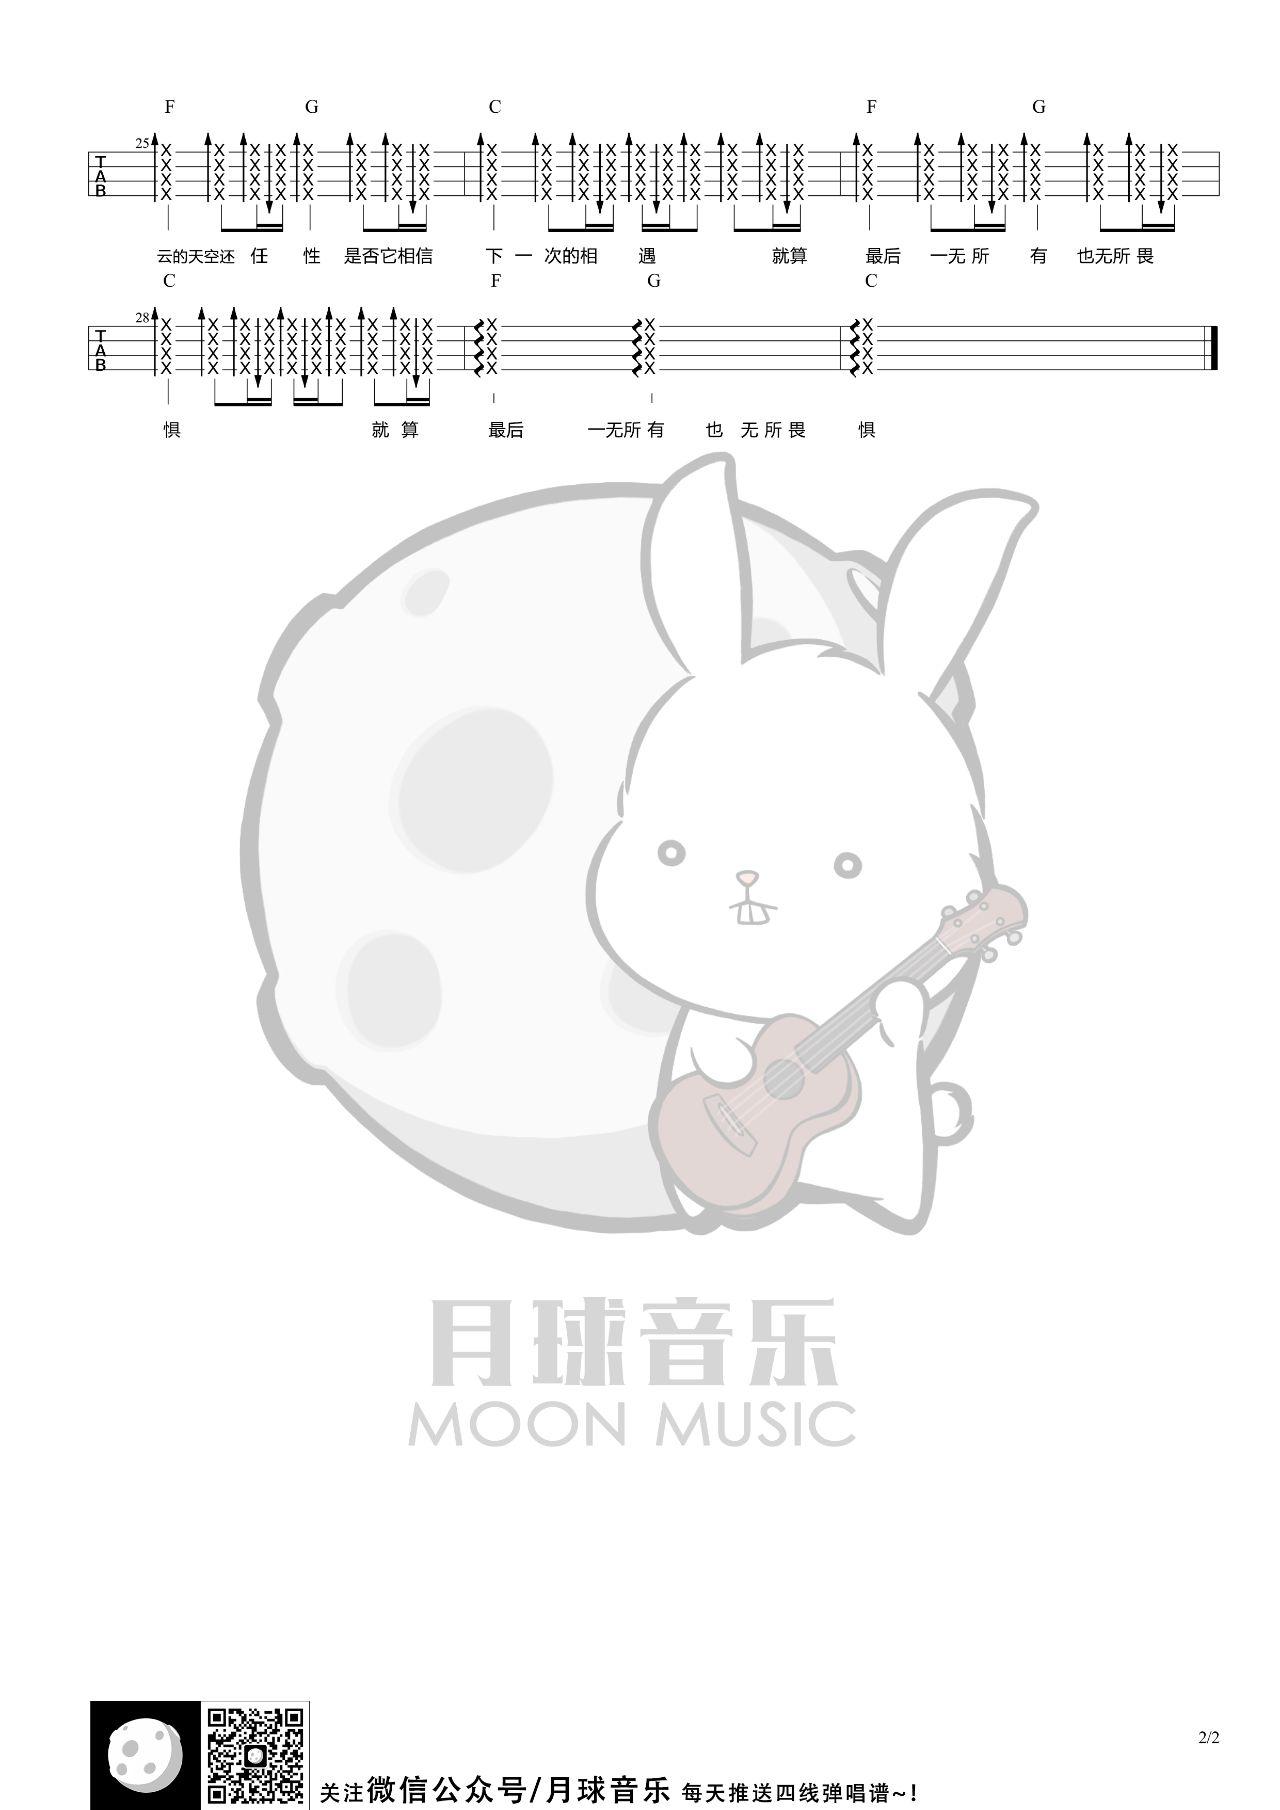 《广东十年爱情故事》ukulele谱